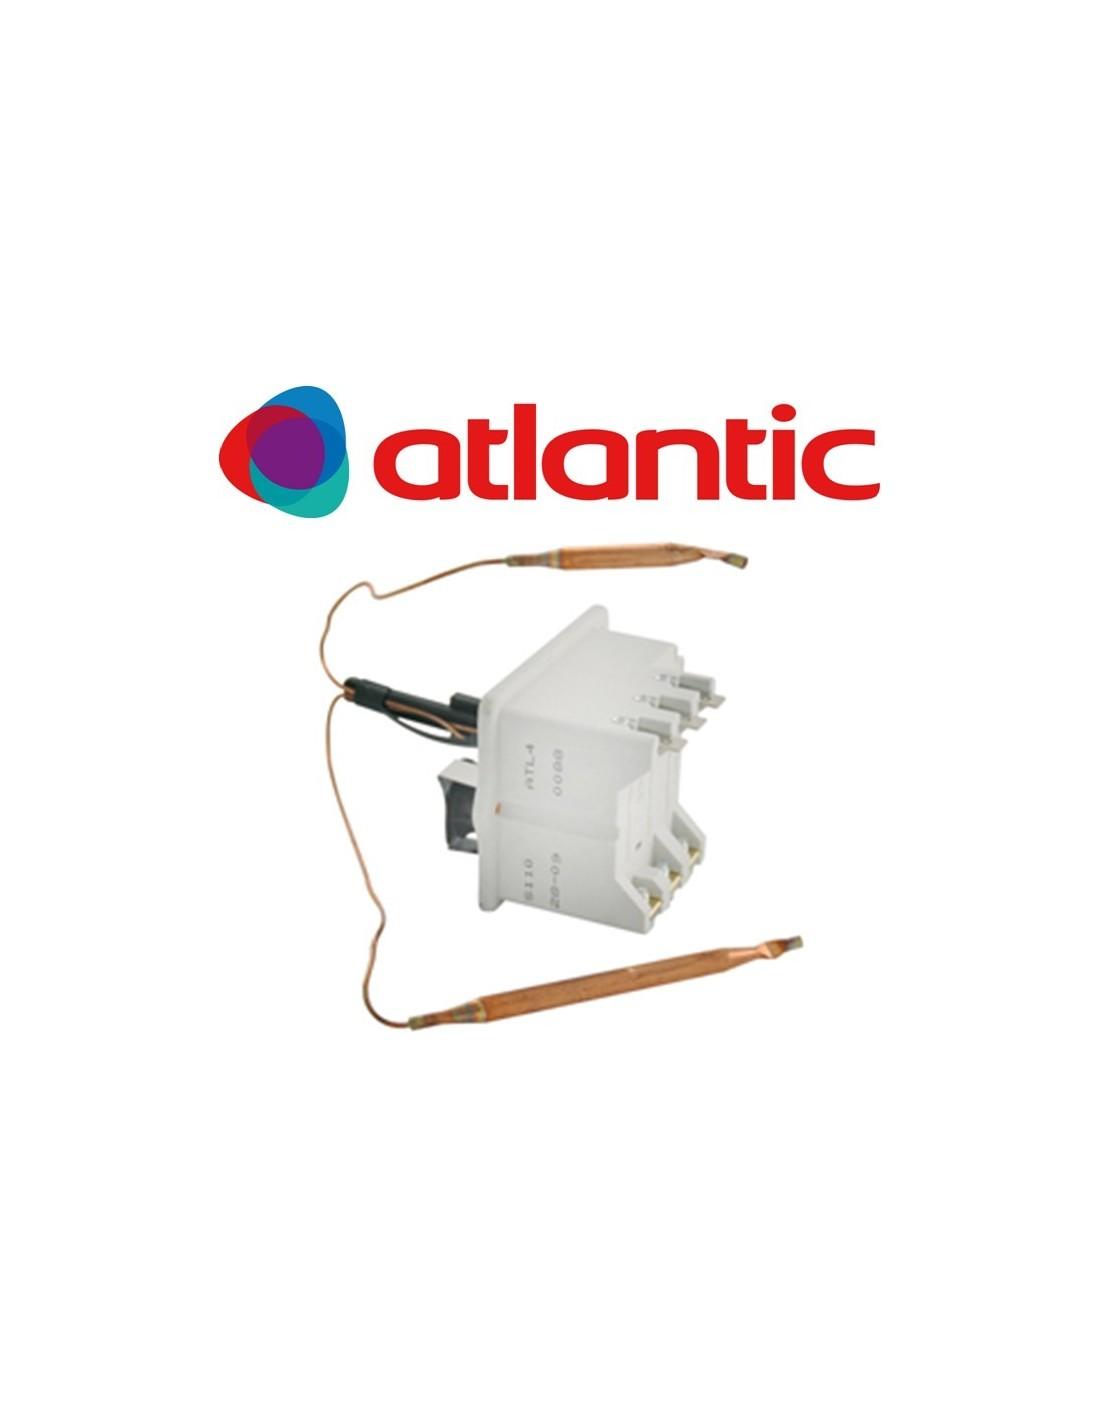 atlantic sauter thermostat chauffe eau tous courants blind e 099040. Black Bedroom Furniture Sets. Home Design Ideas